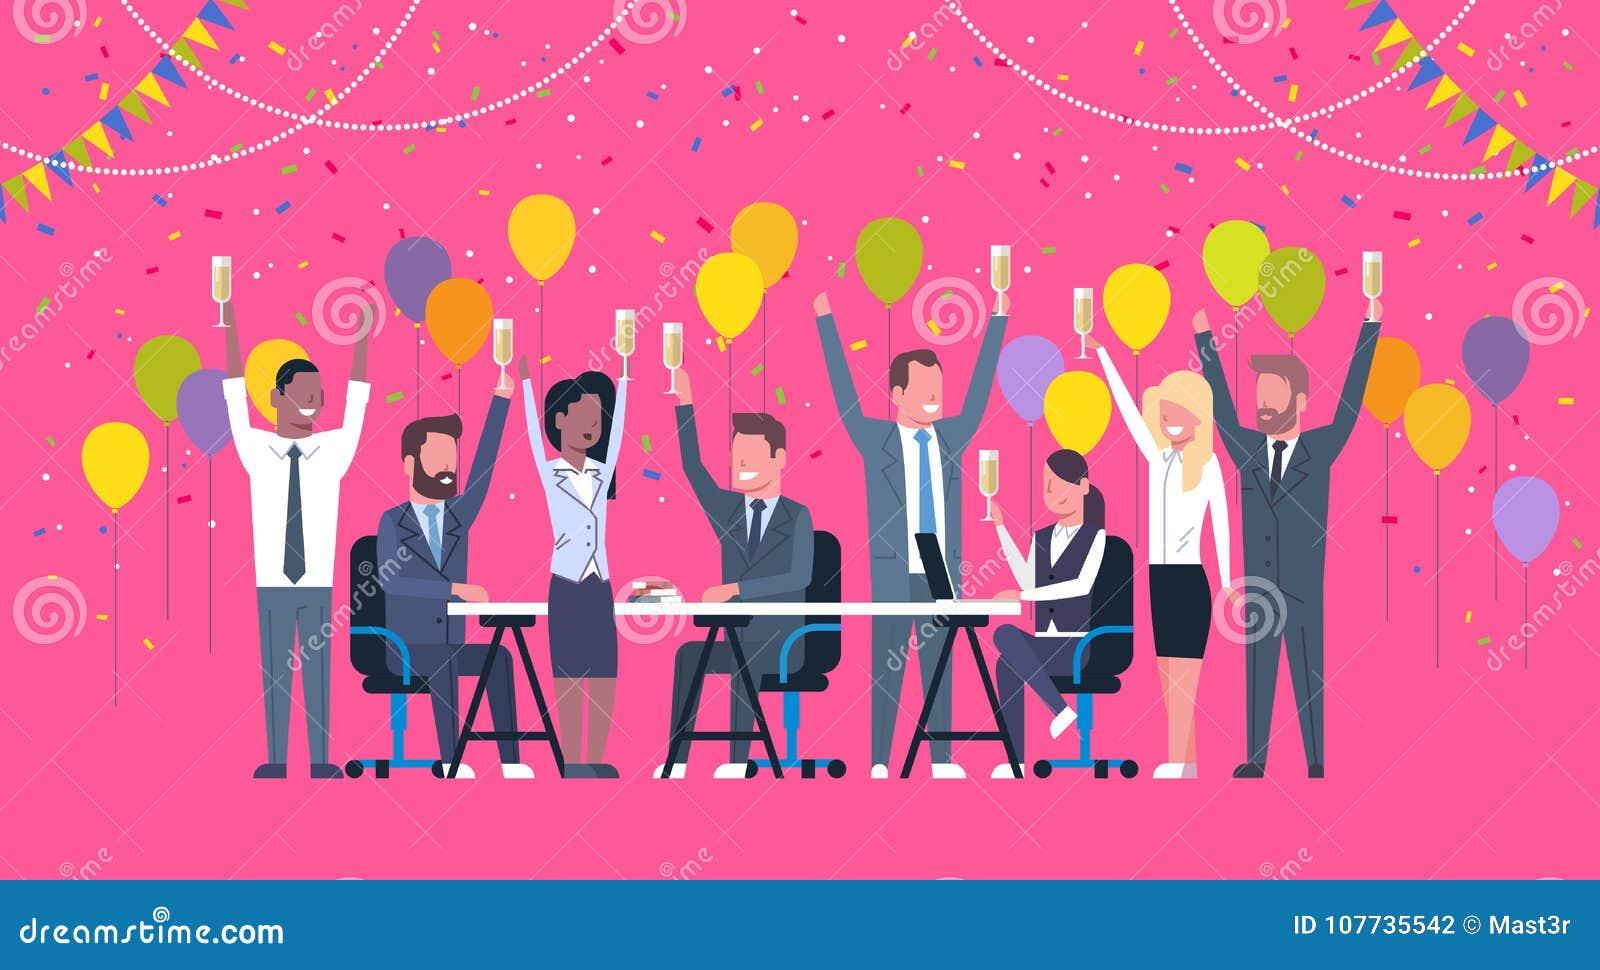 Grupo de hombres de negocios diversos alegres de la celebración del éxito de la raza feliz Team Hold Raised Hands Sitting de la m